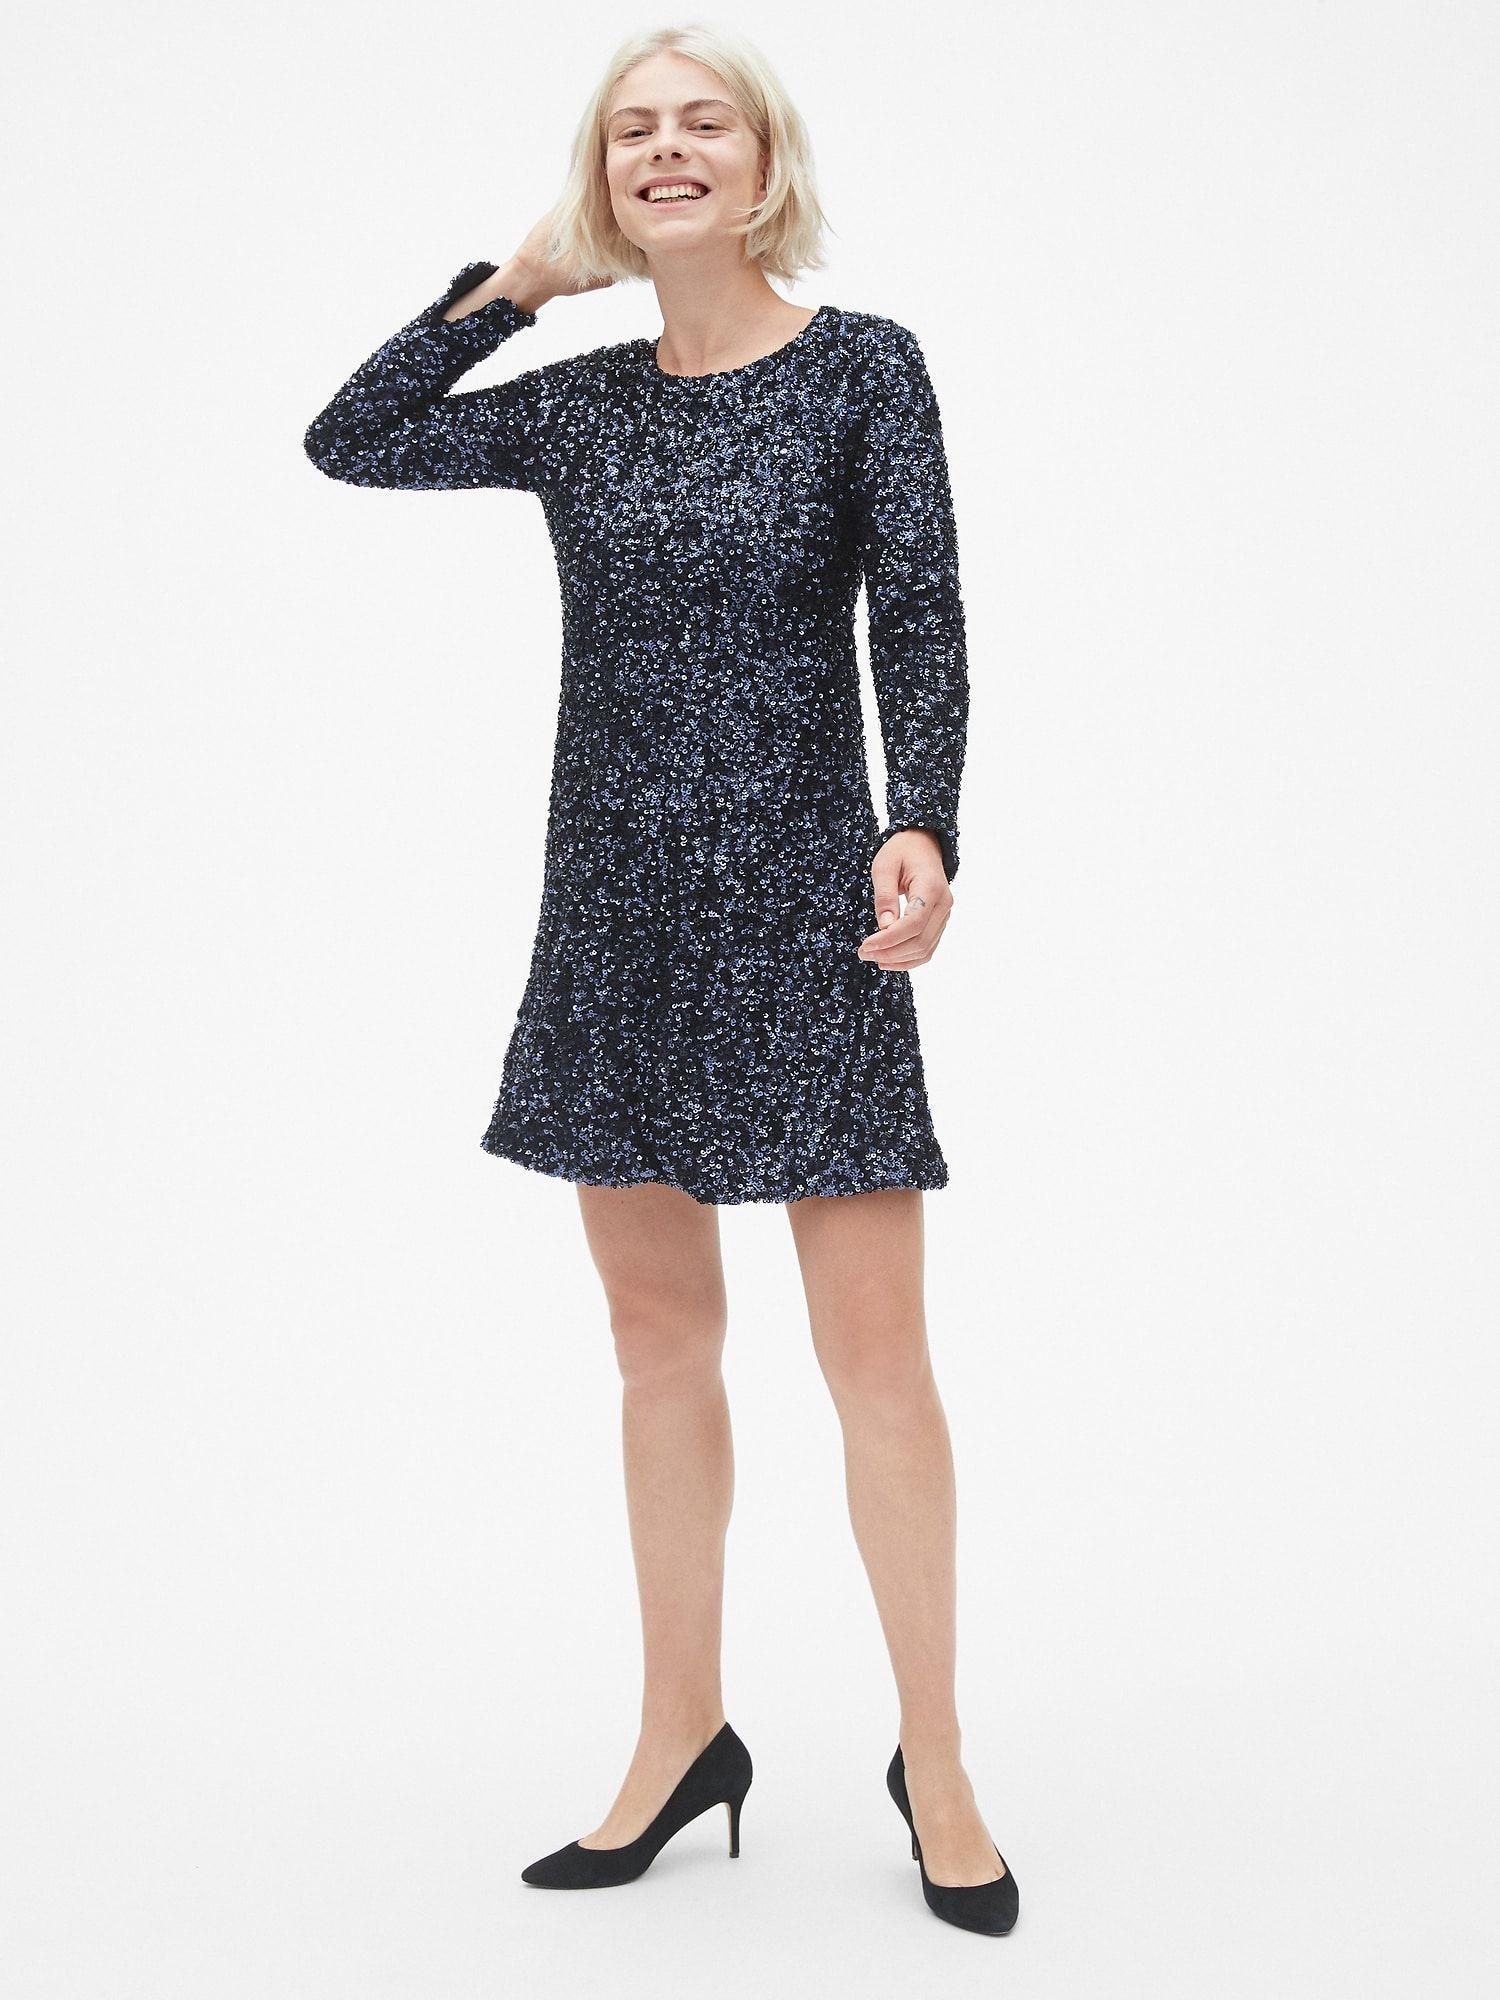 Long Sleeve Sequin Swing Dress Gap Sequin swing dress